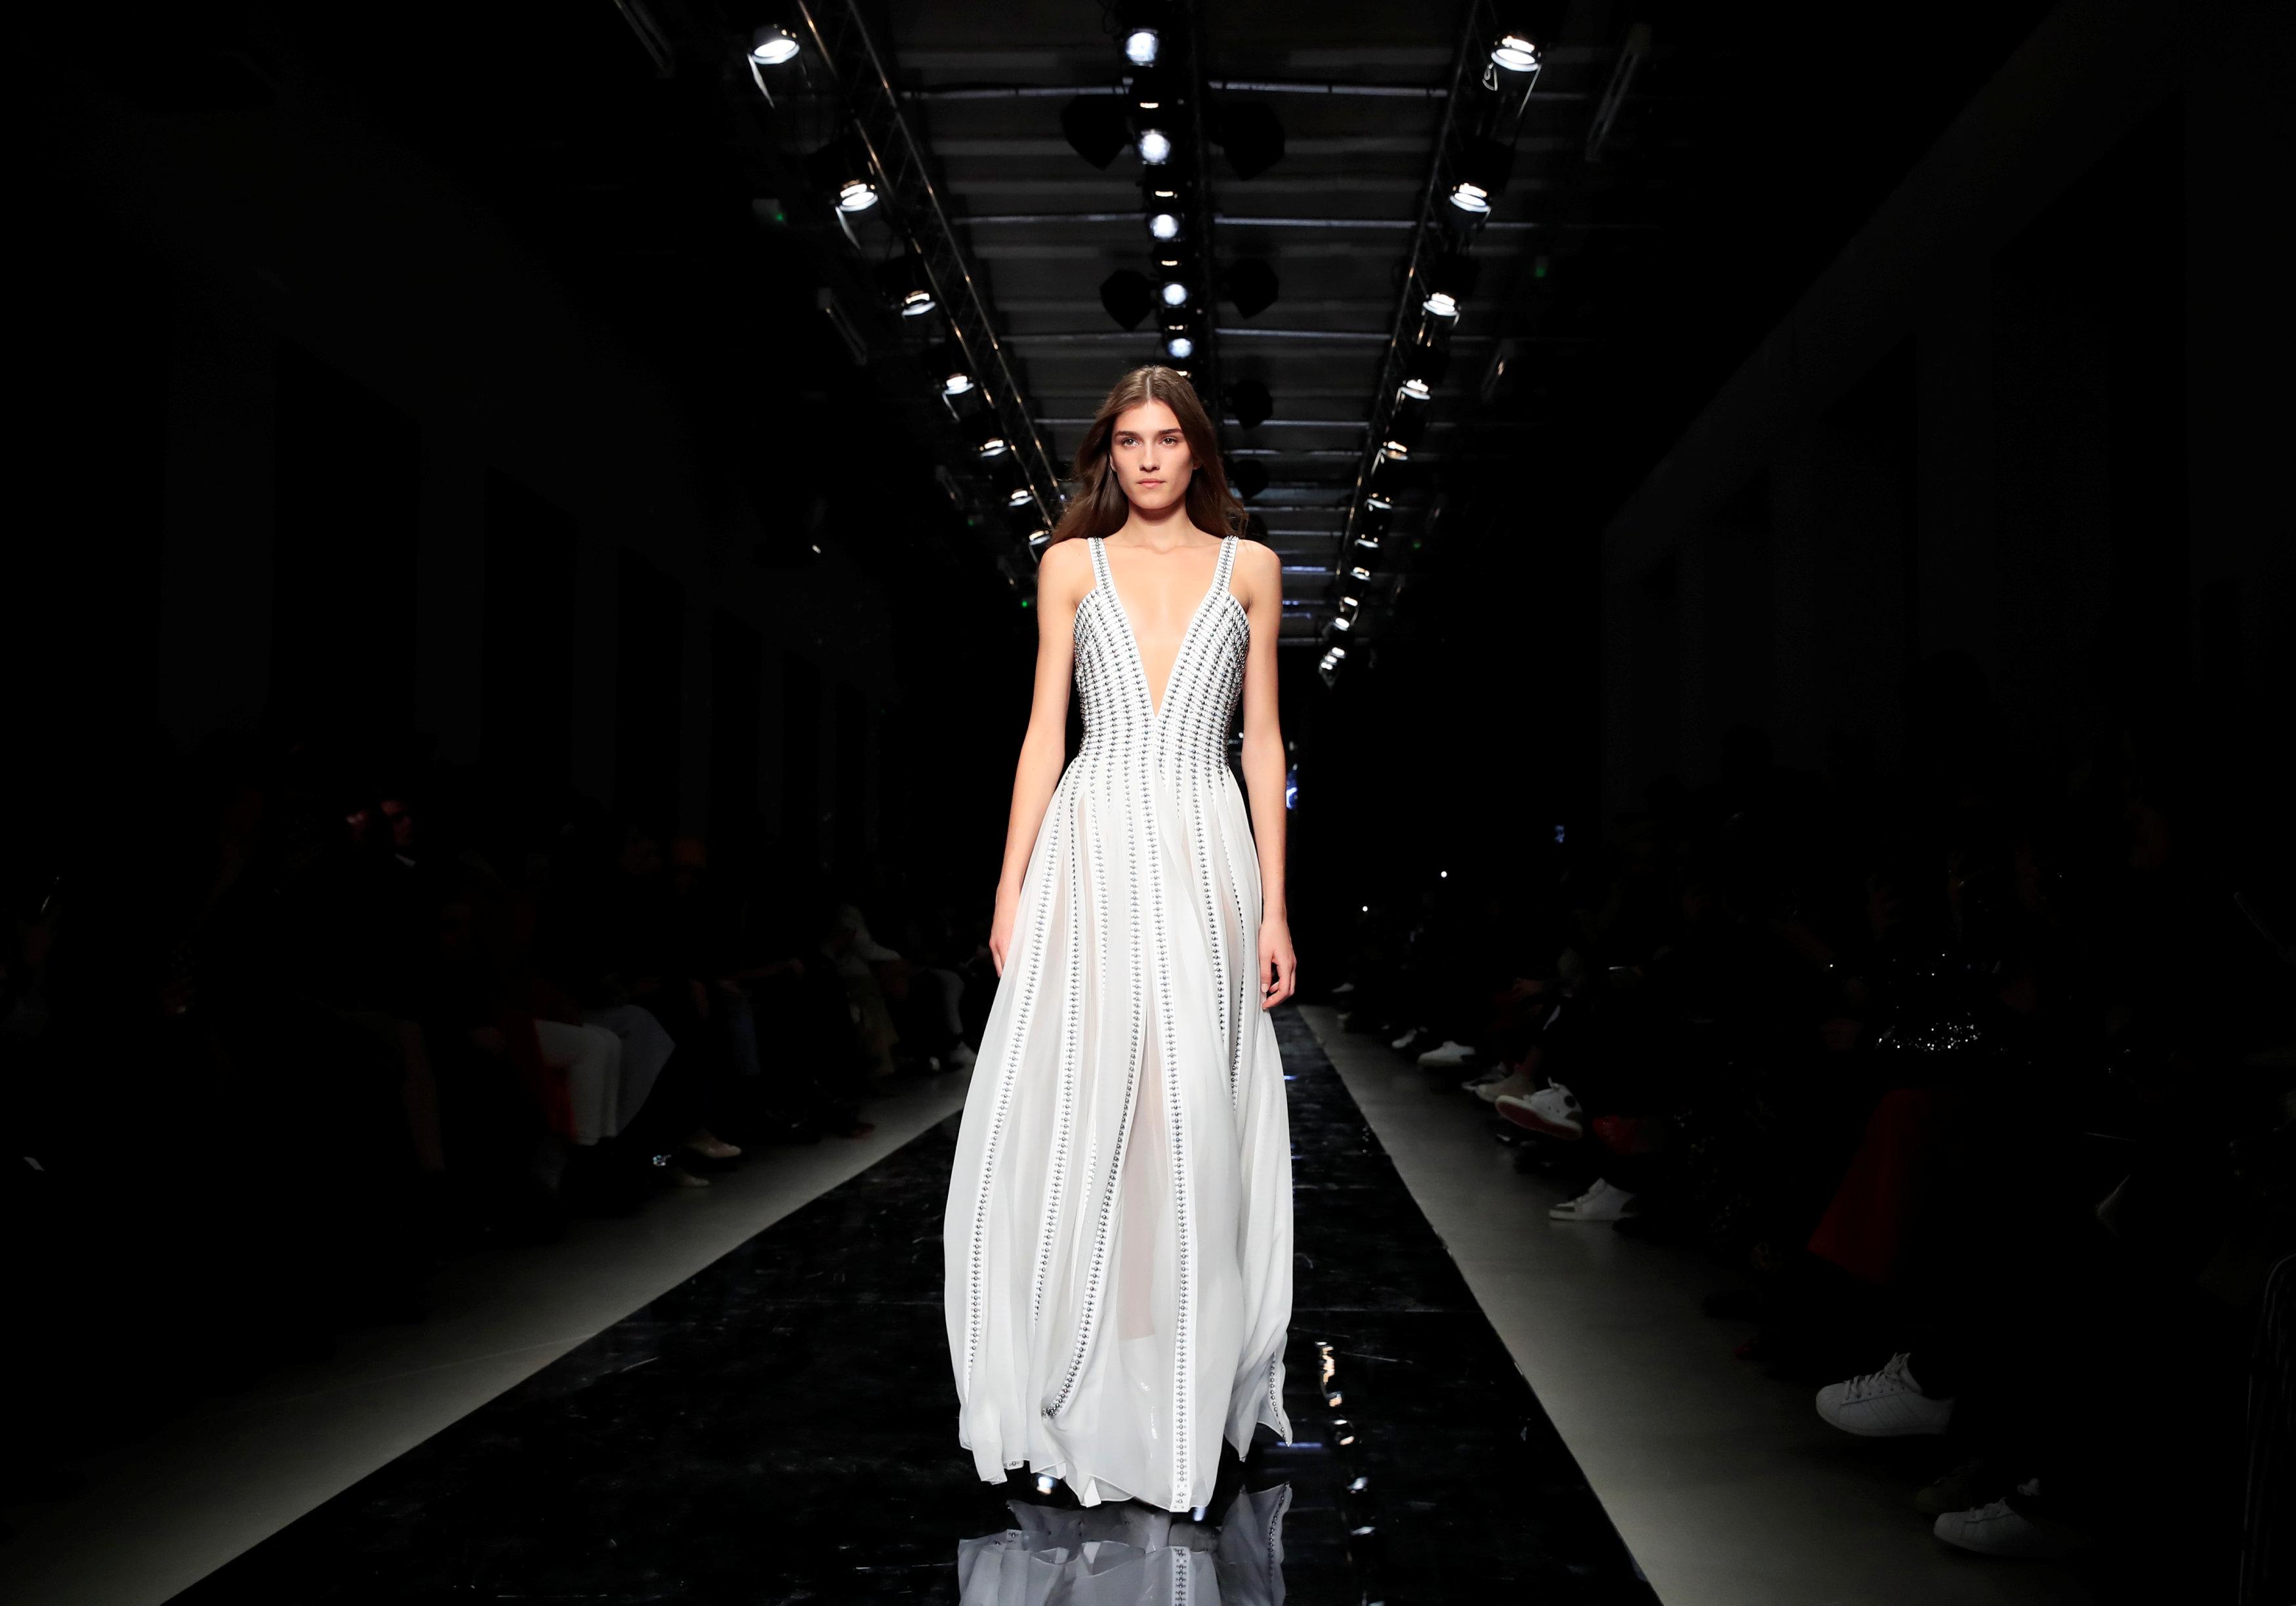 عرض أزياء ماكسيم سيمنز خلال أسبوع الموضة بباريس (11)